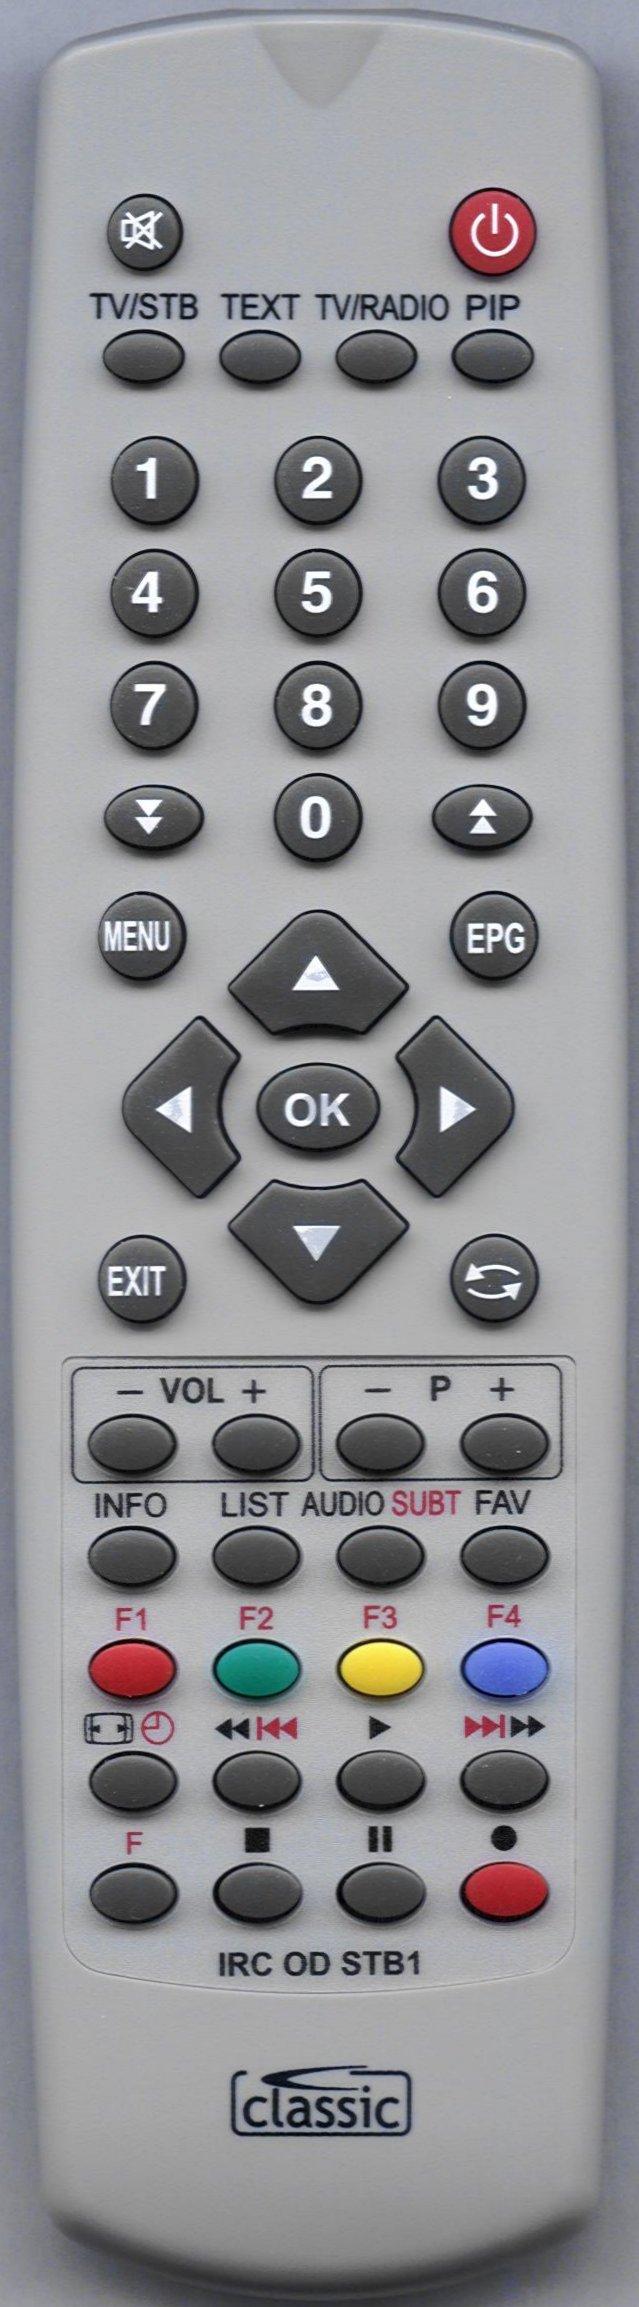 TOPFIELD TF 7710HCCI Remote Control